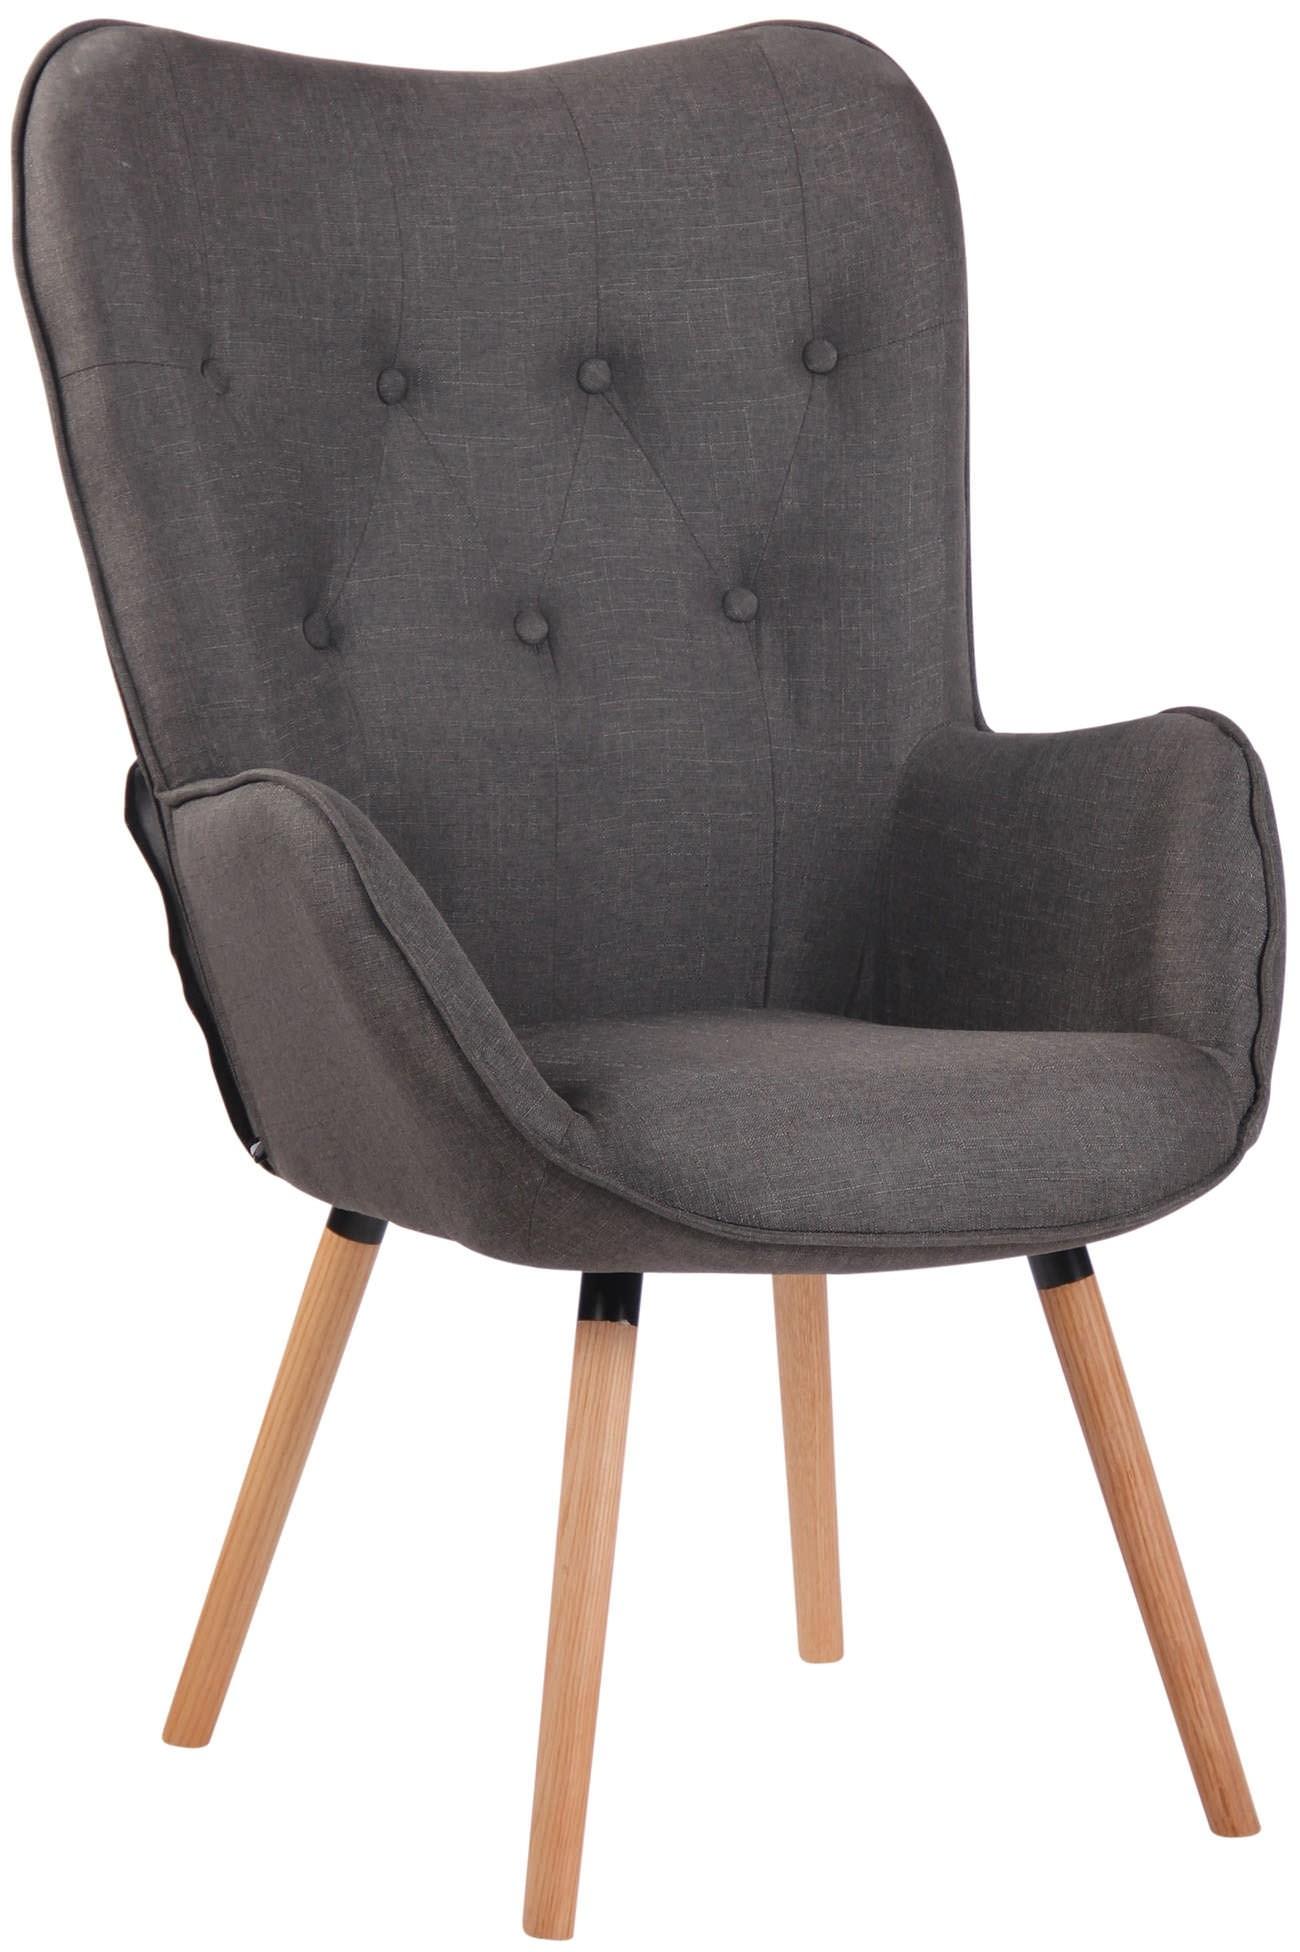 Chaise lounge Ashford en Tissu